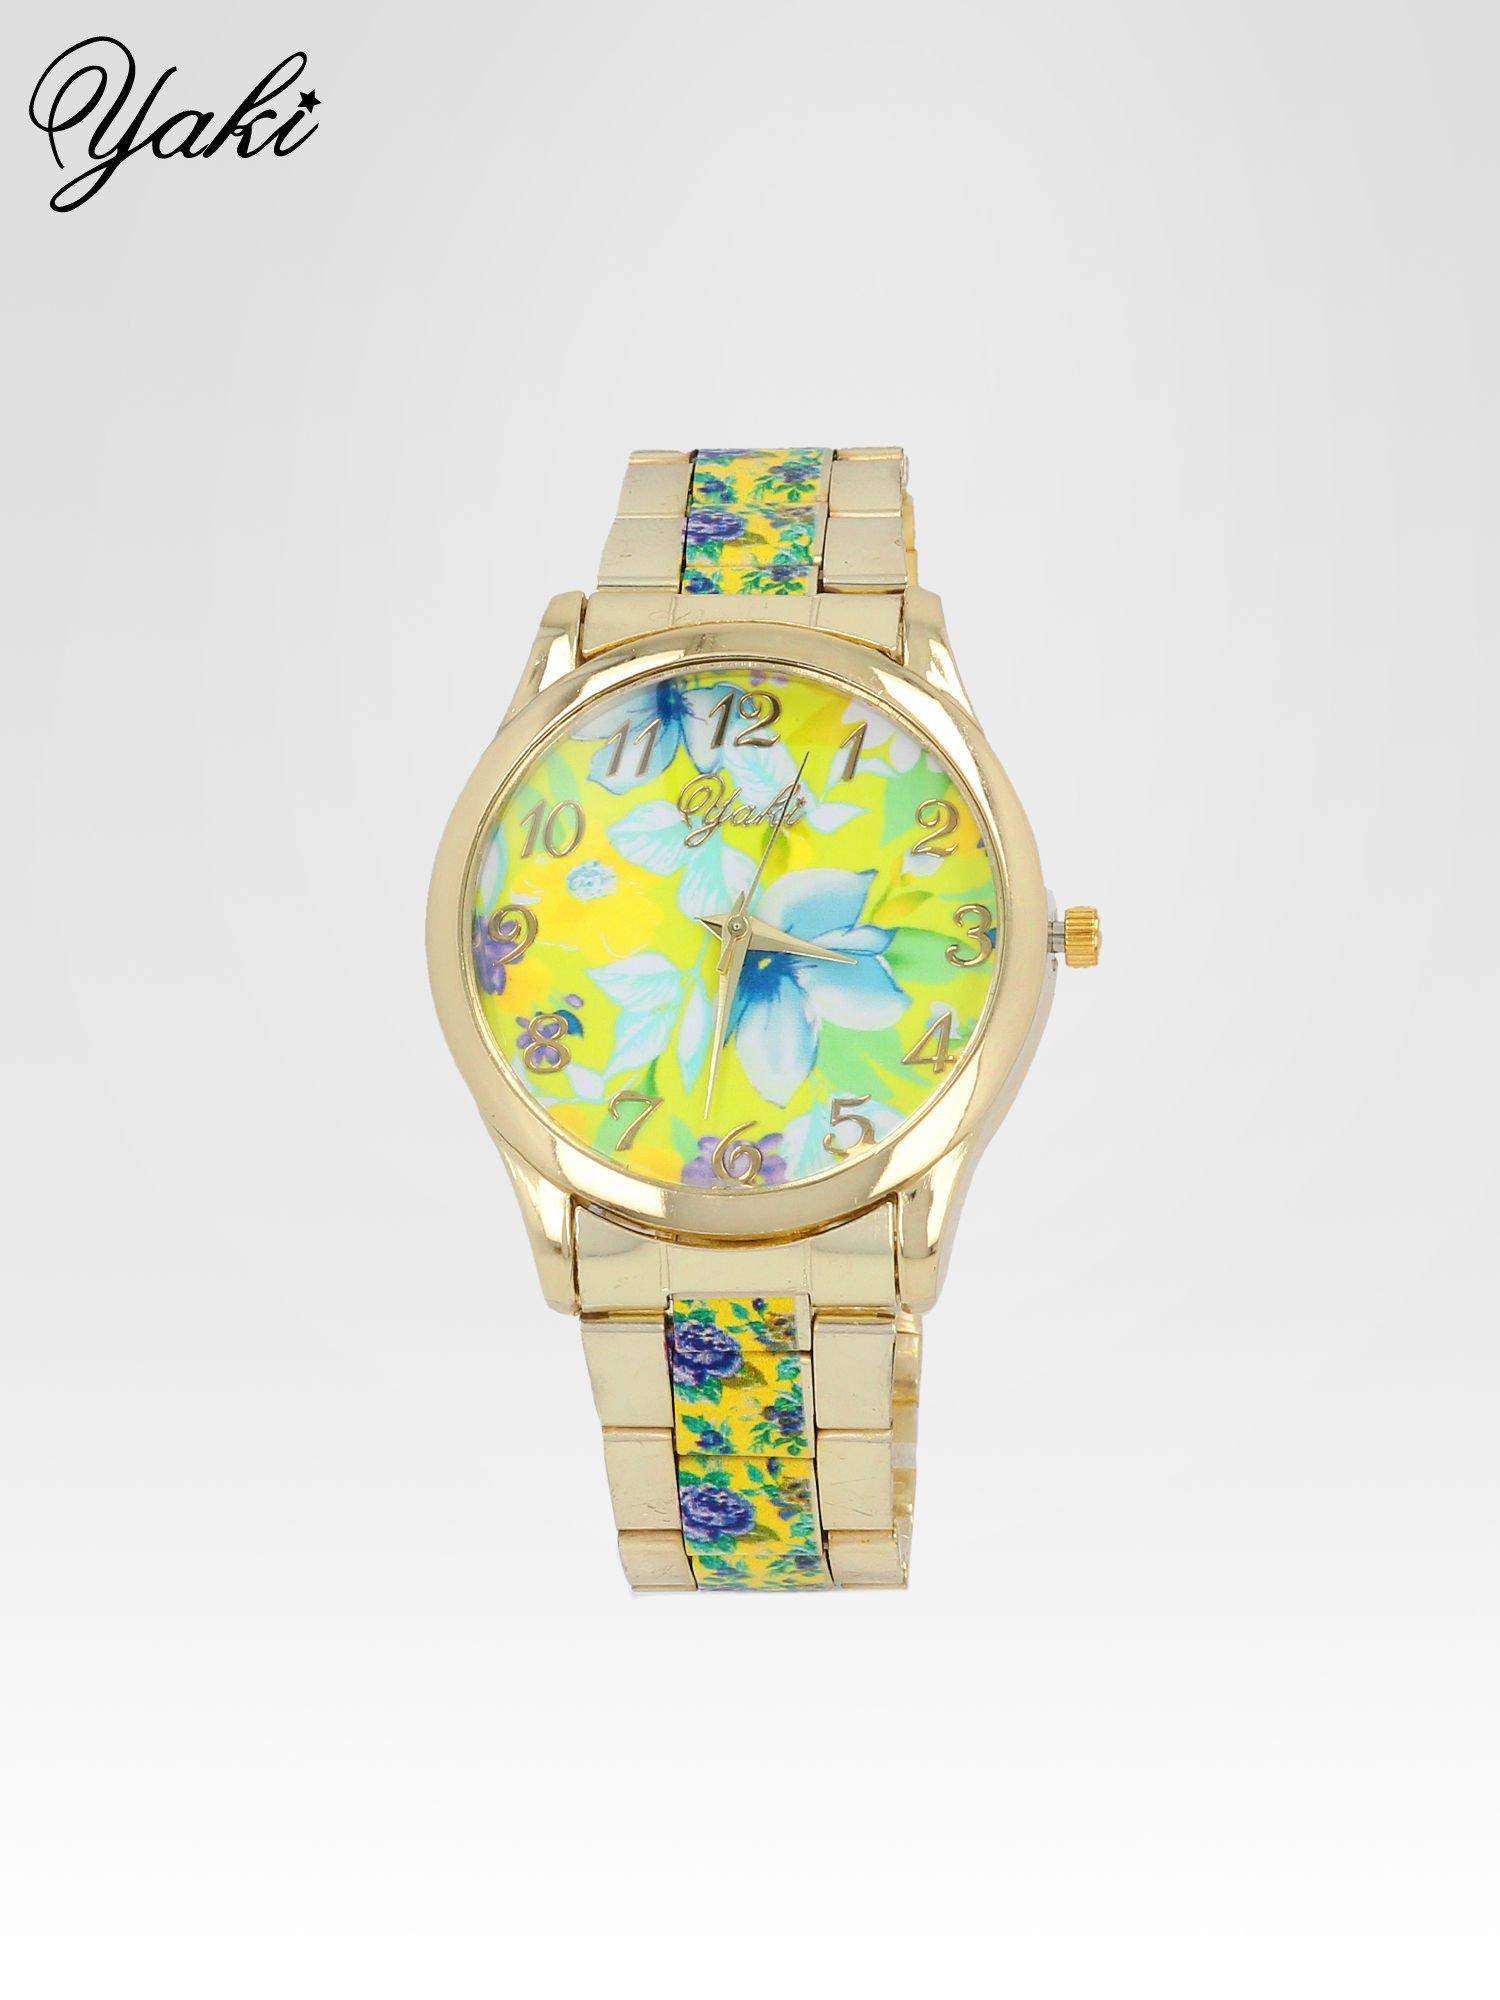 Złoty zegarek damski na bransolecie z żółtym motywem kwiatowym                                  zdj.                                  1